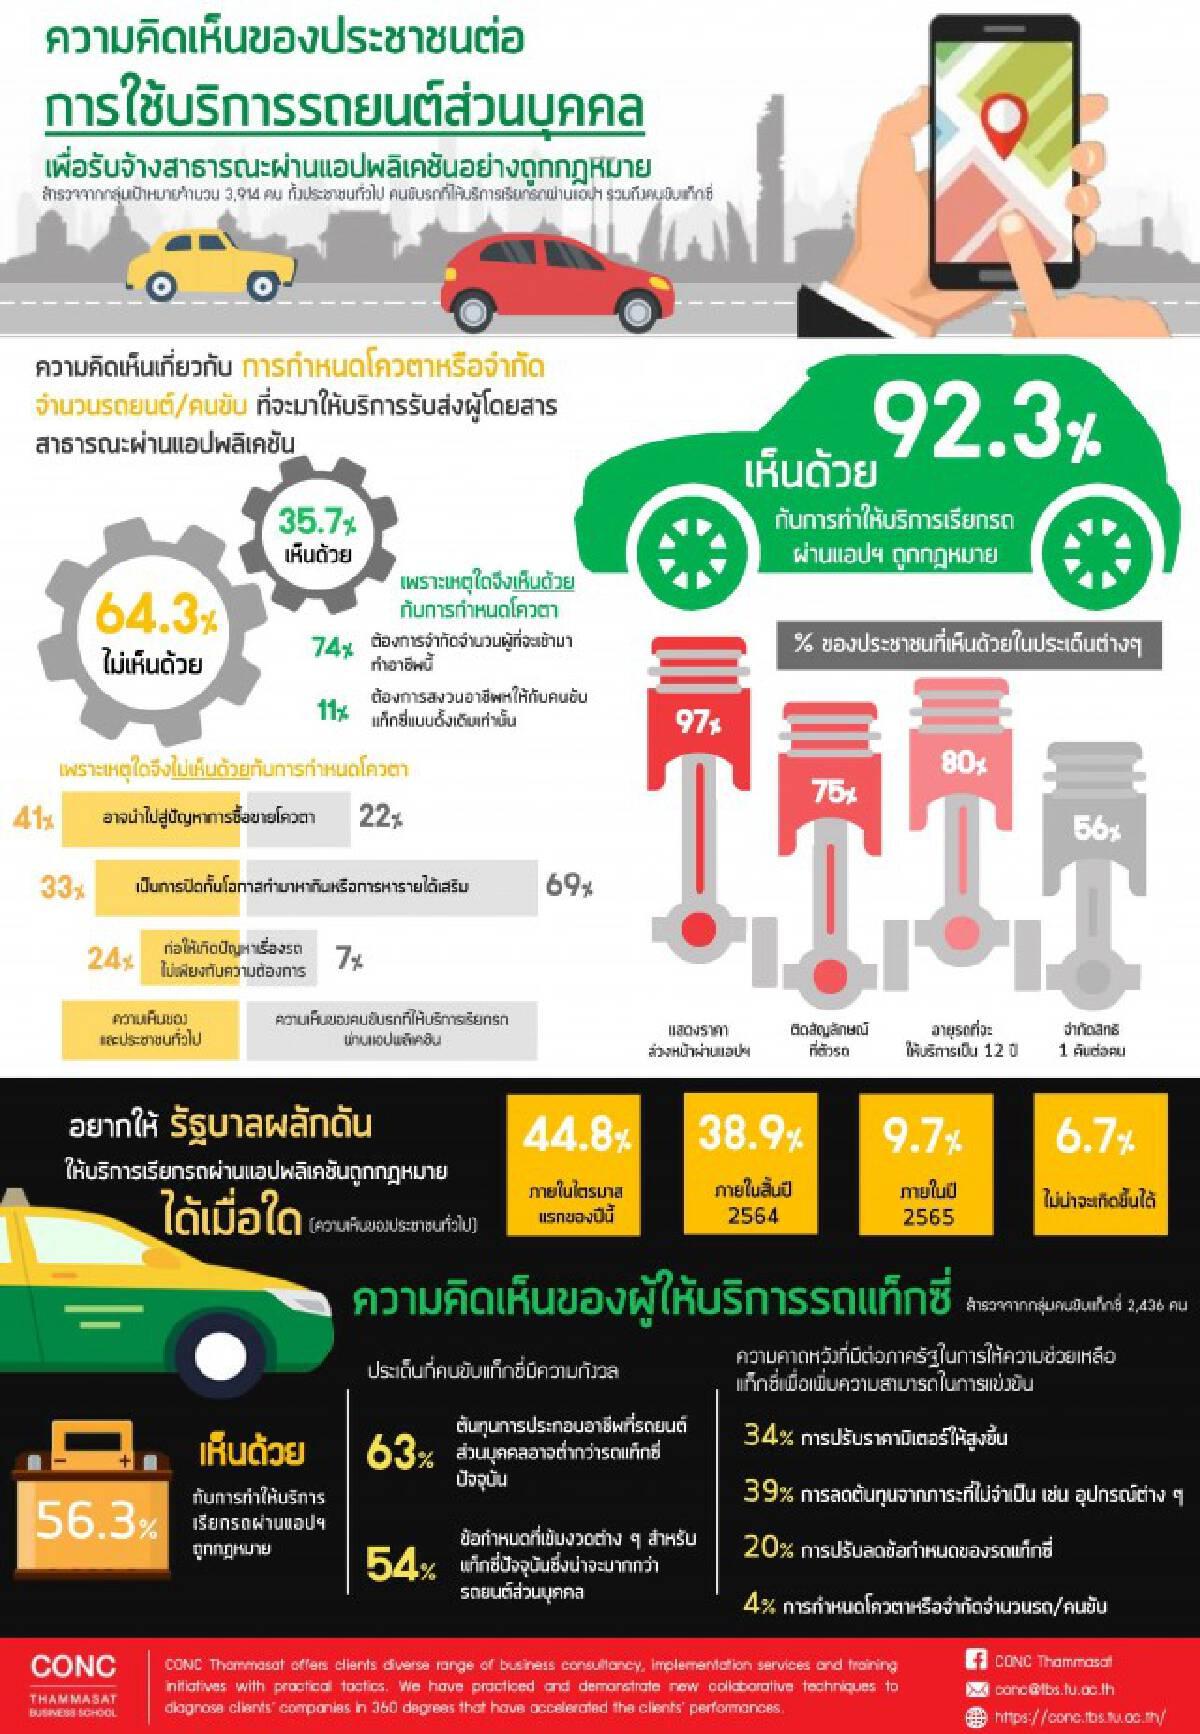 โพลล์ 92.3% หนุน 'เรียกรถผ่านแอป' ถูกกฎหมาย